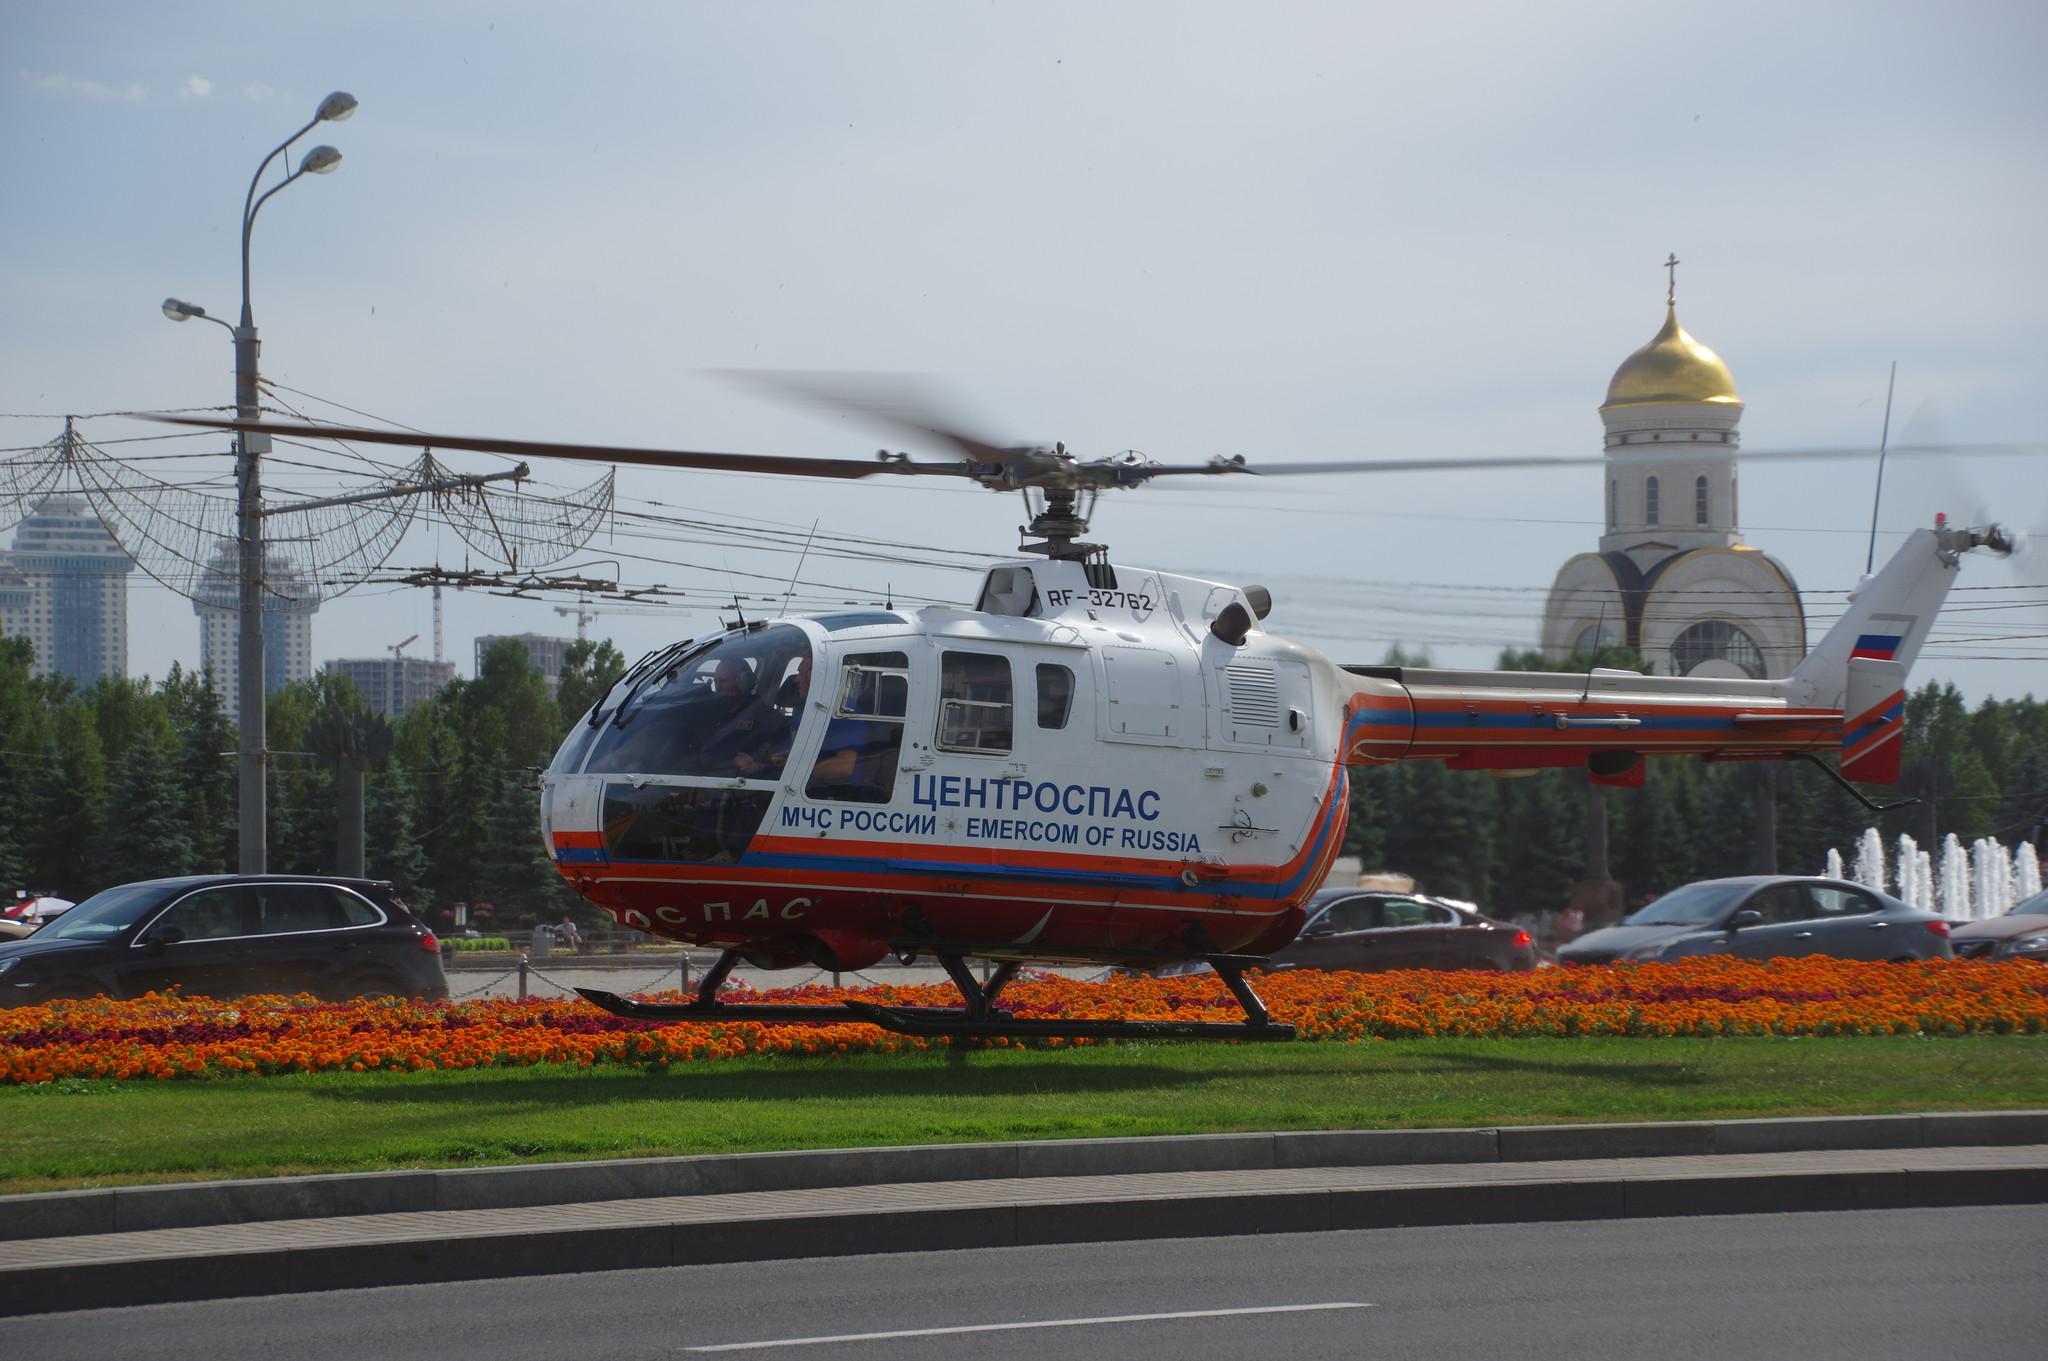 Вертолёт Bo.105 RF 32762 «Цетроспаса» МЧС России на Кутузовском проспекте